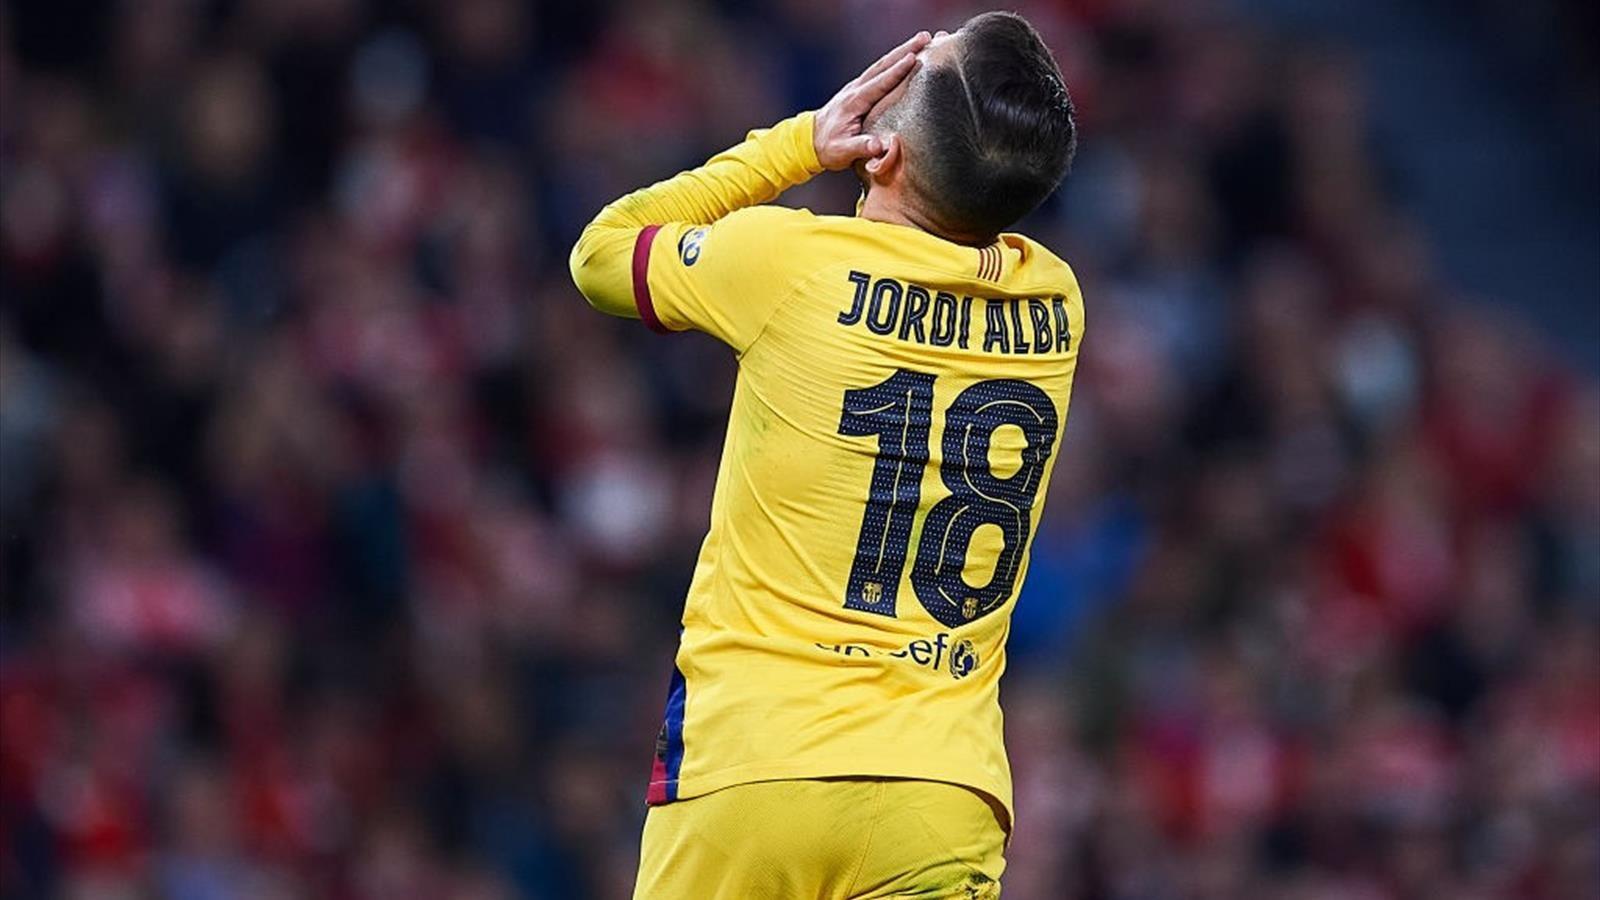 """Jordi Alba: """"Ya nos tiran bastante mierda desde fuera para que tengamos que tirarnos entre nosotros""""."""